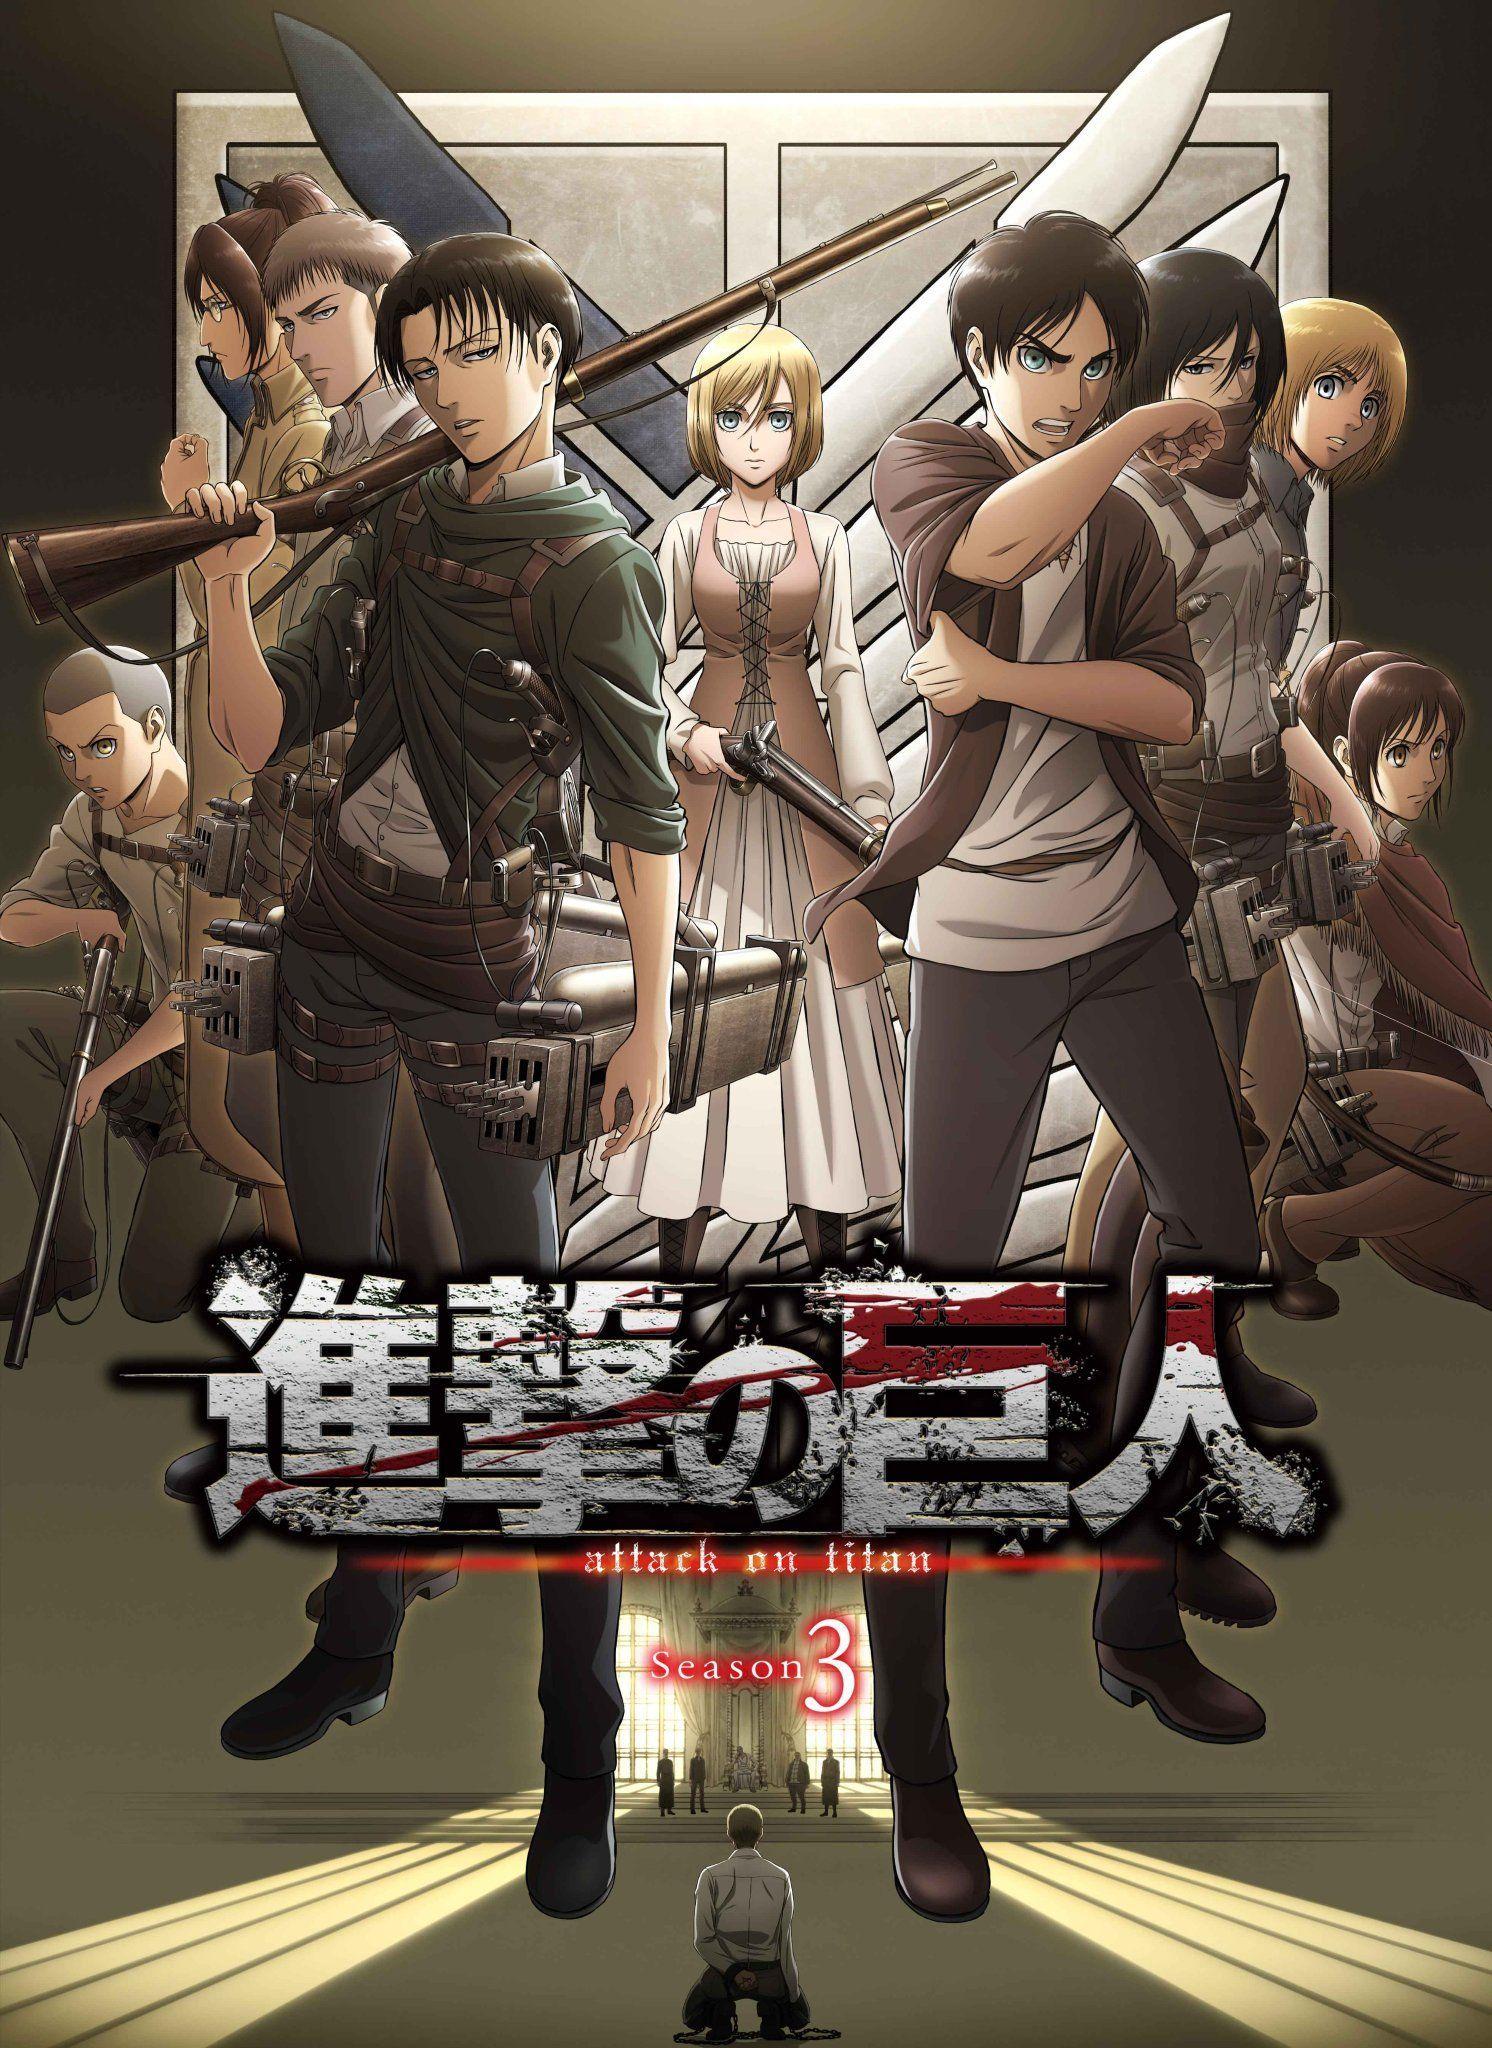 アニメ「進撃の巨人」公式アカウント on Attack on titan anime, Attack on